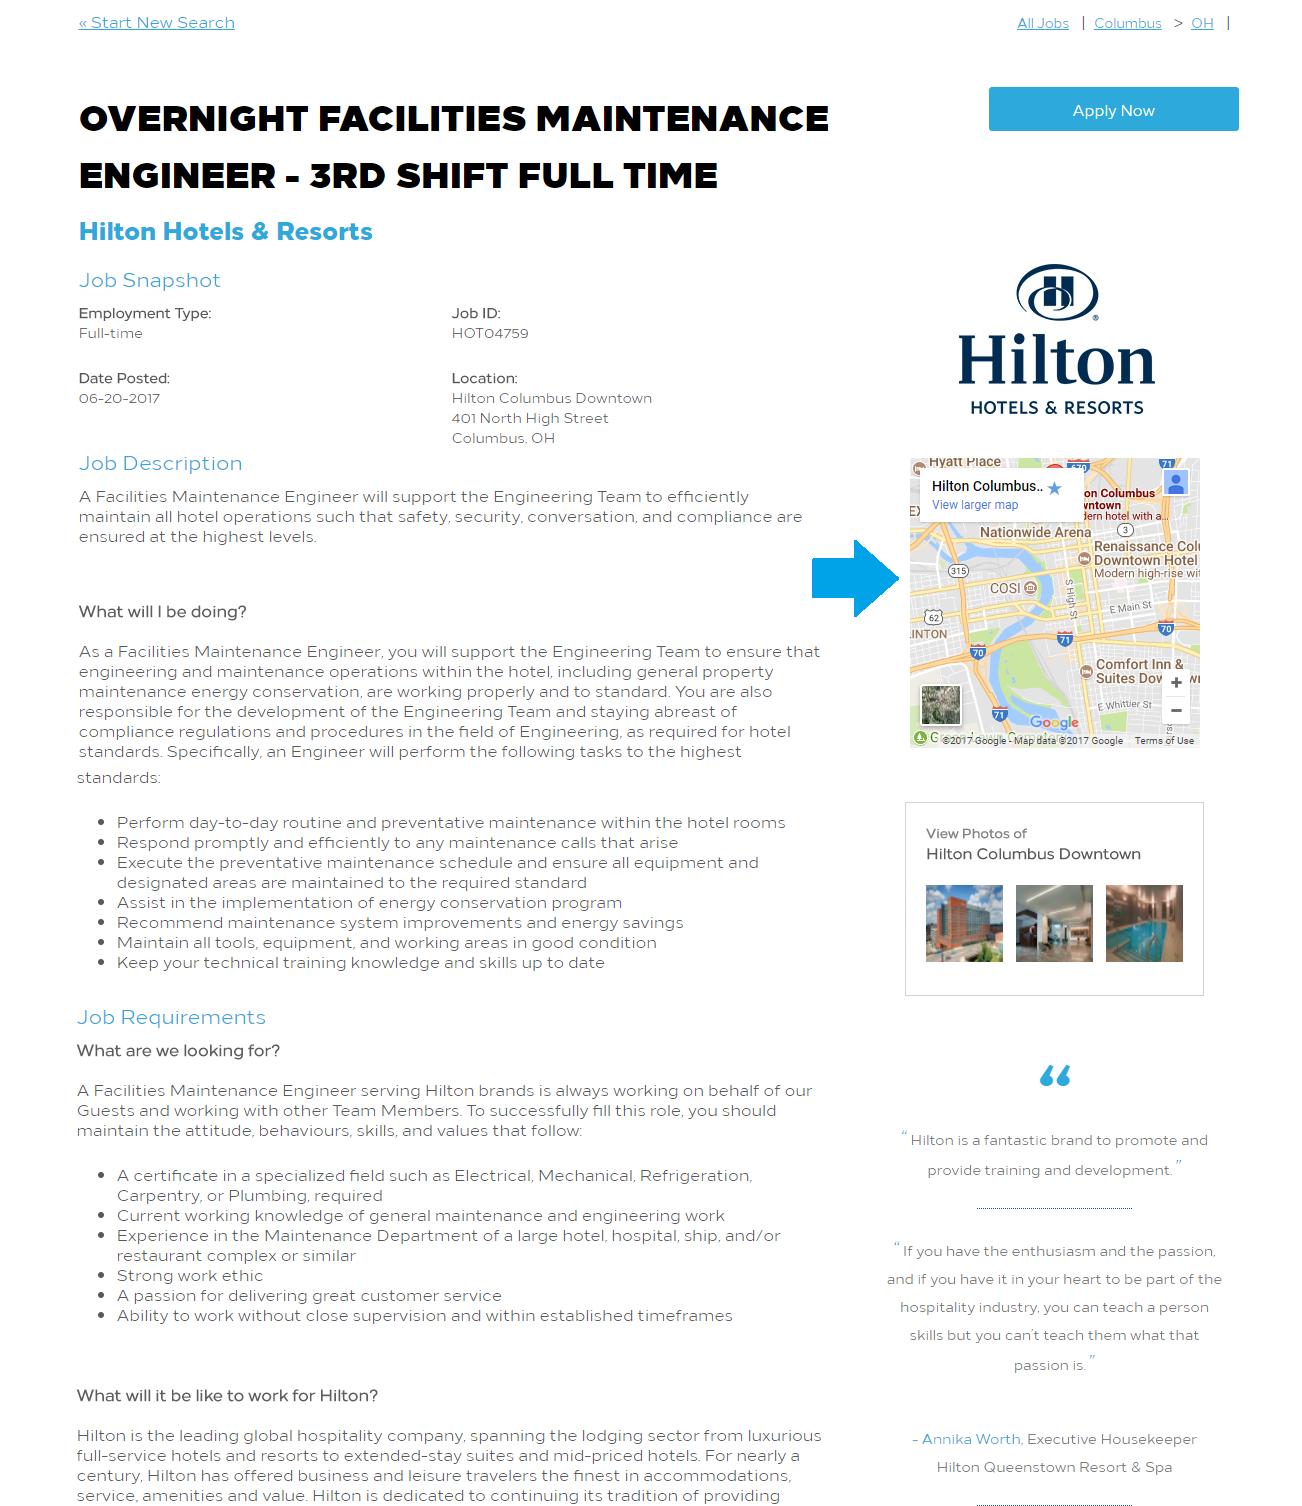 Map on Hilton Job Description